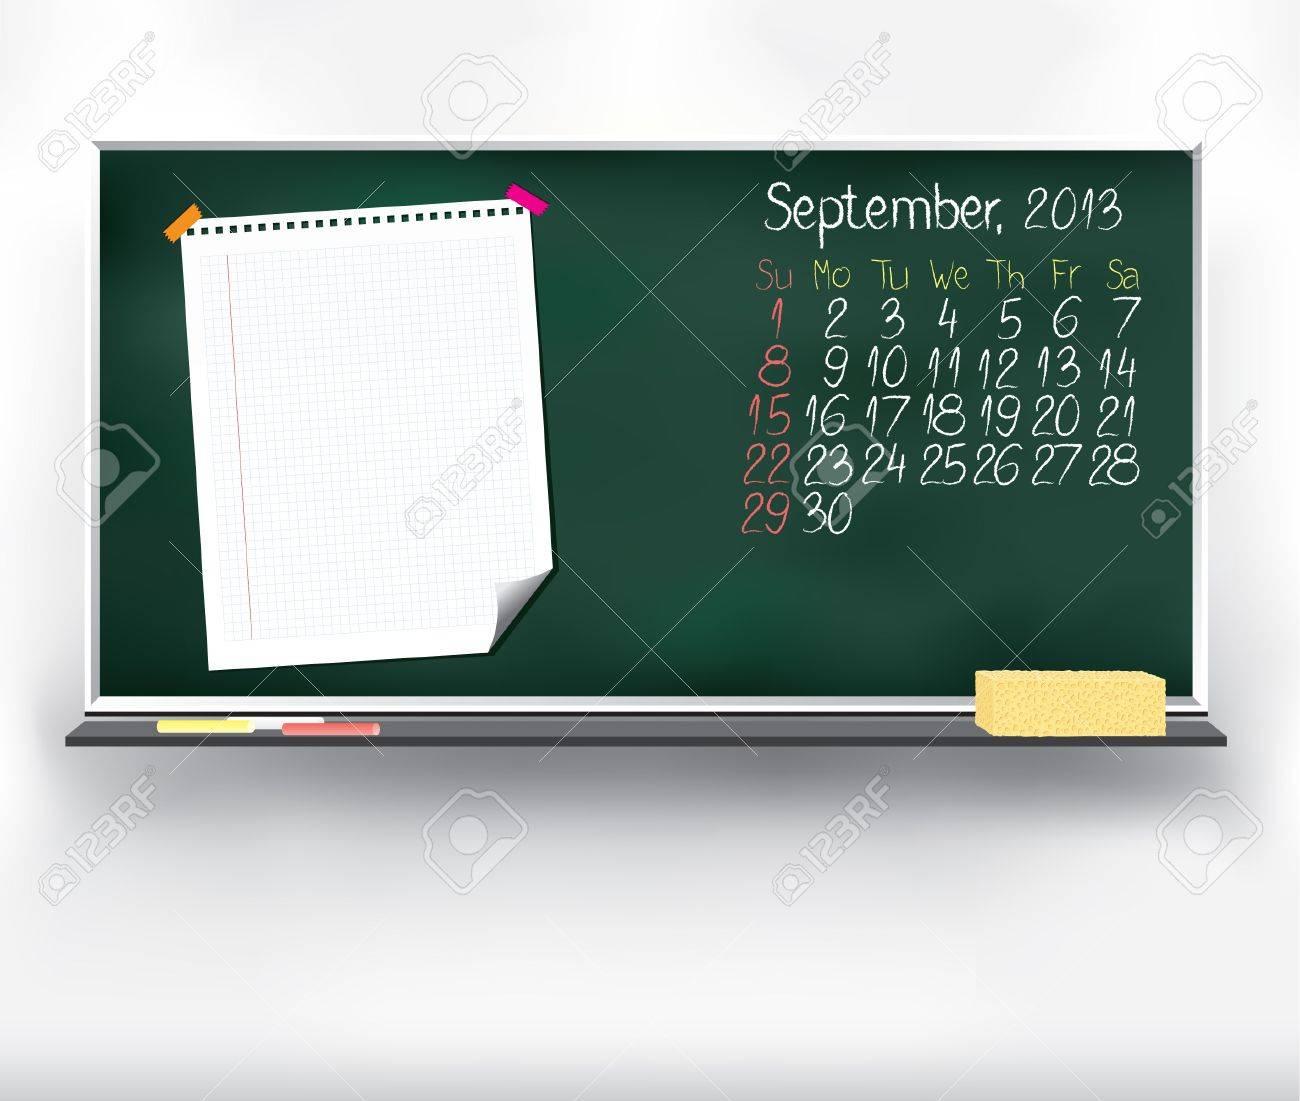 Scribble calendar on the blackboard  September 2013 Stock Vector - 16161420